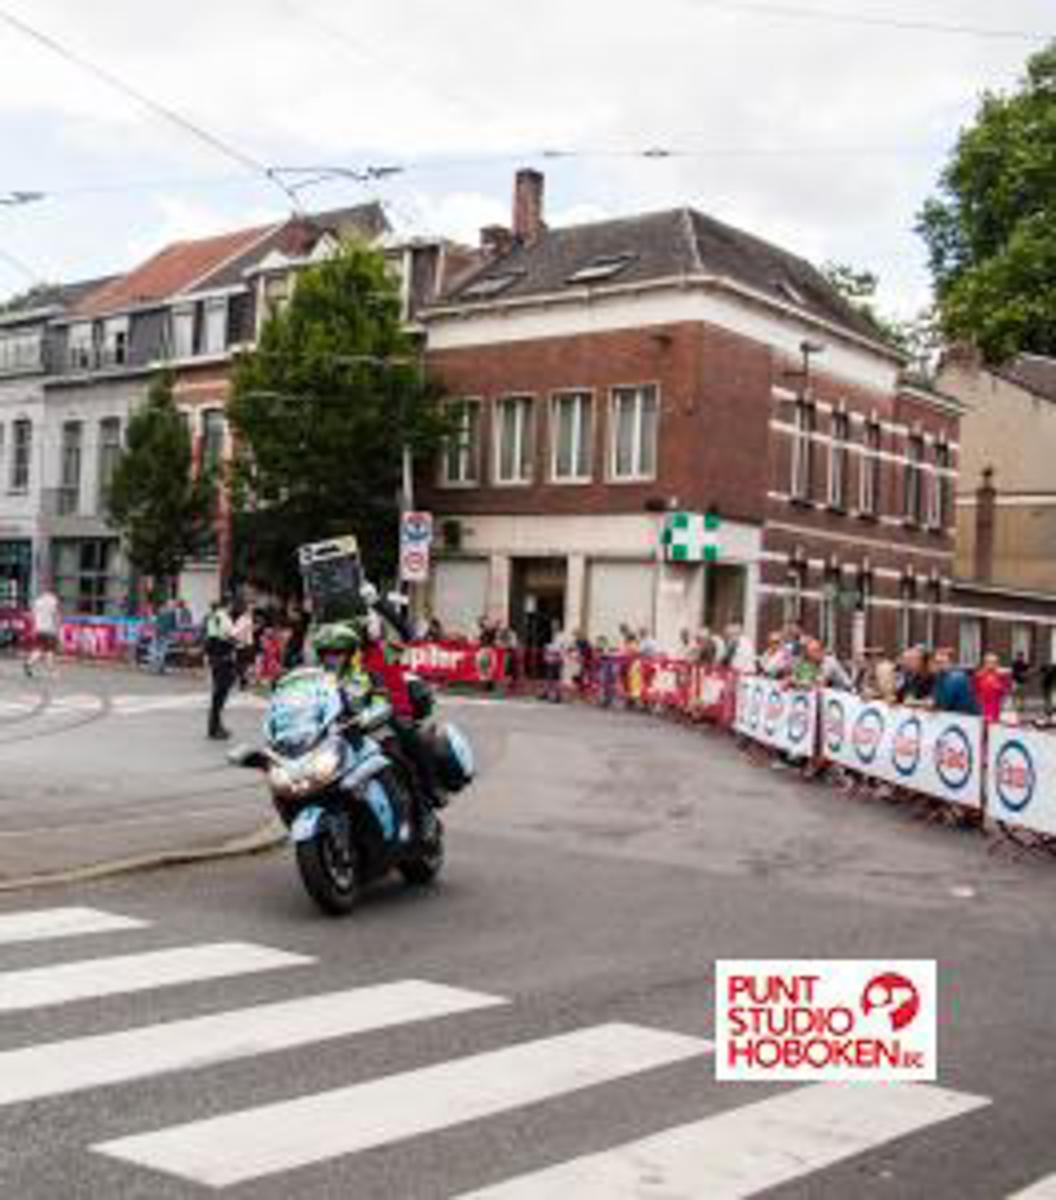 Belgisch kampioenschap wielrennen (7 van 24).jpg